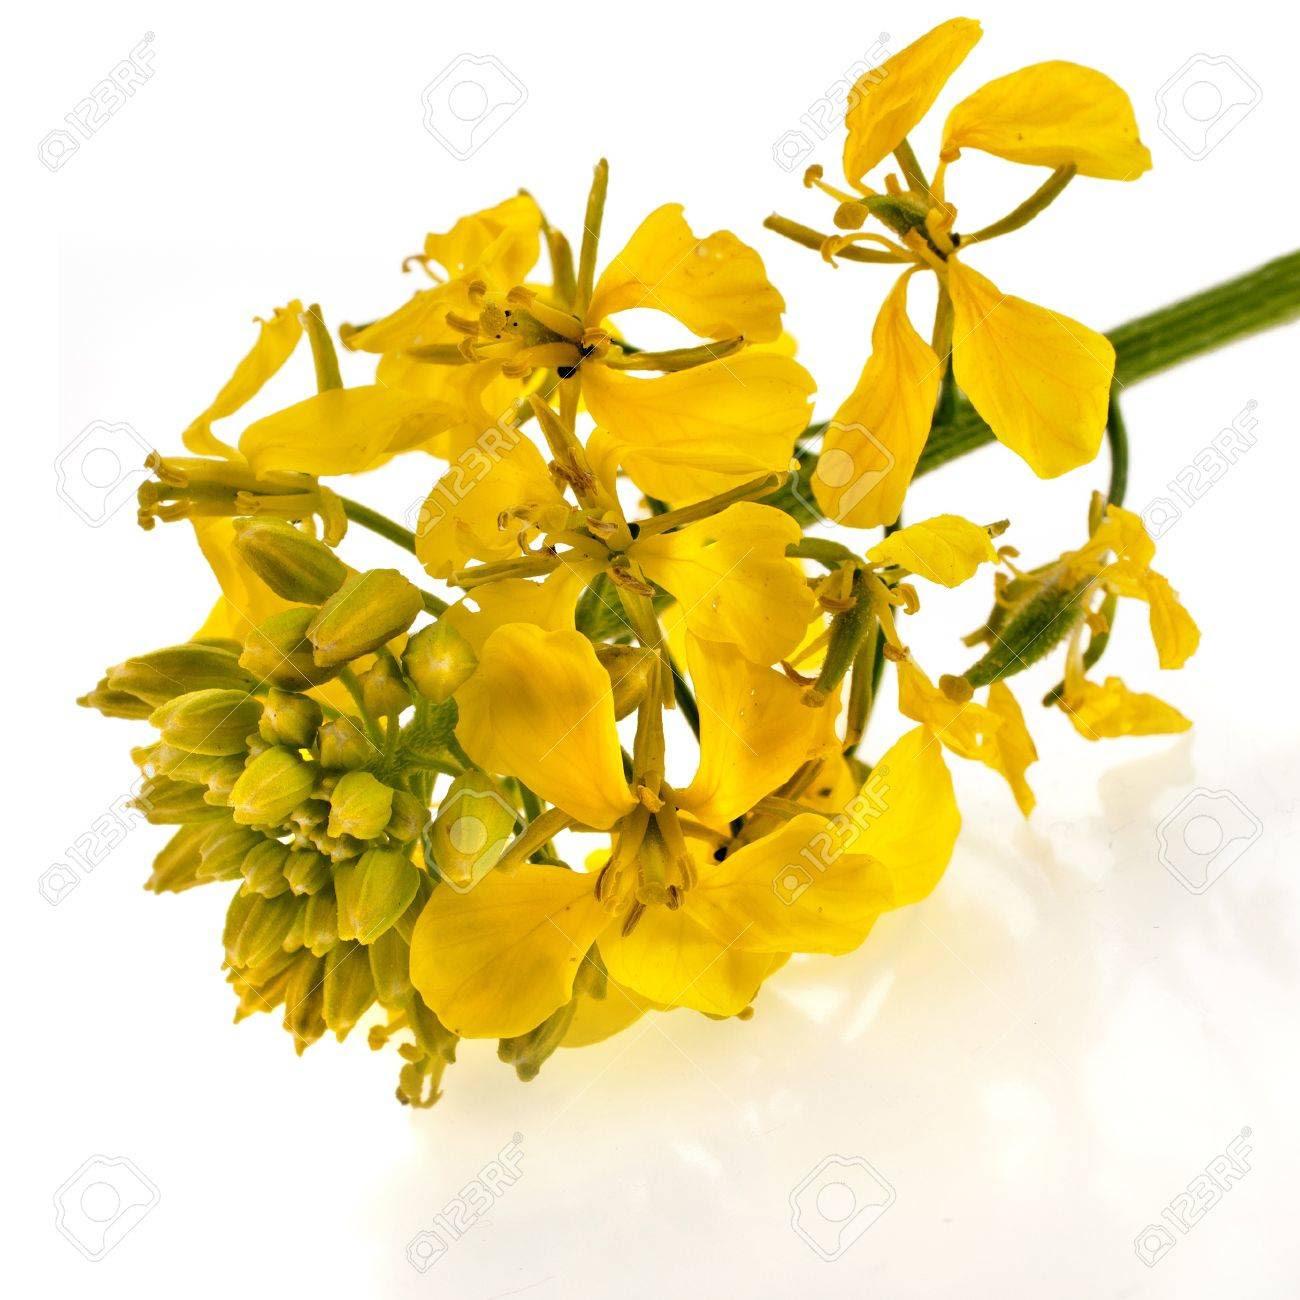 http://previews.123rf.com/images/madllen/madllen1308/madllen130800042/21365772-bl-hende-Senfpflanze-Nahaufnahme-isoliert-auf-wei-em-Hintergrund-Lizenzfreie-Bilder.jpg